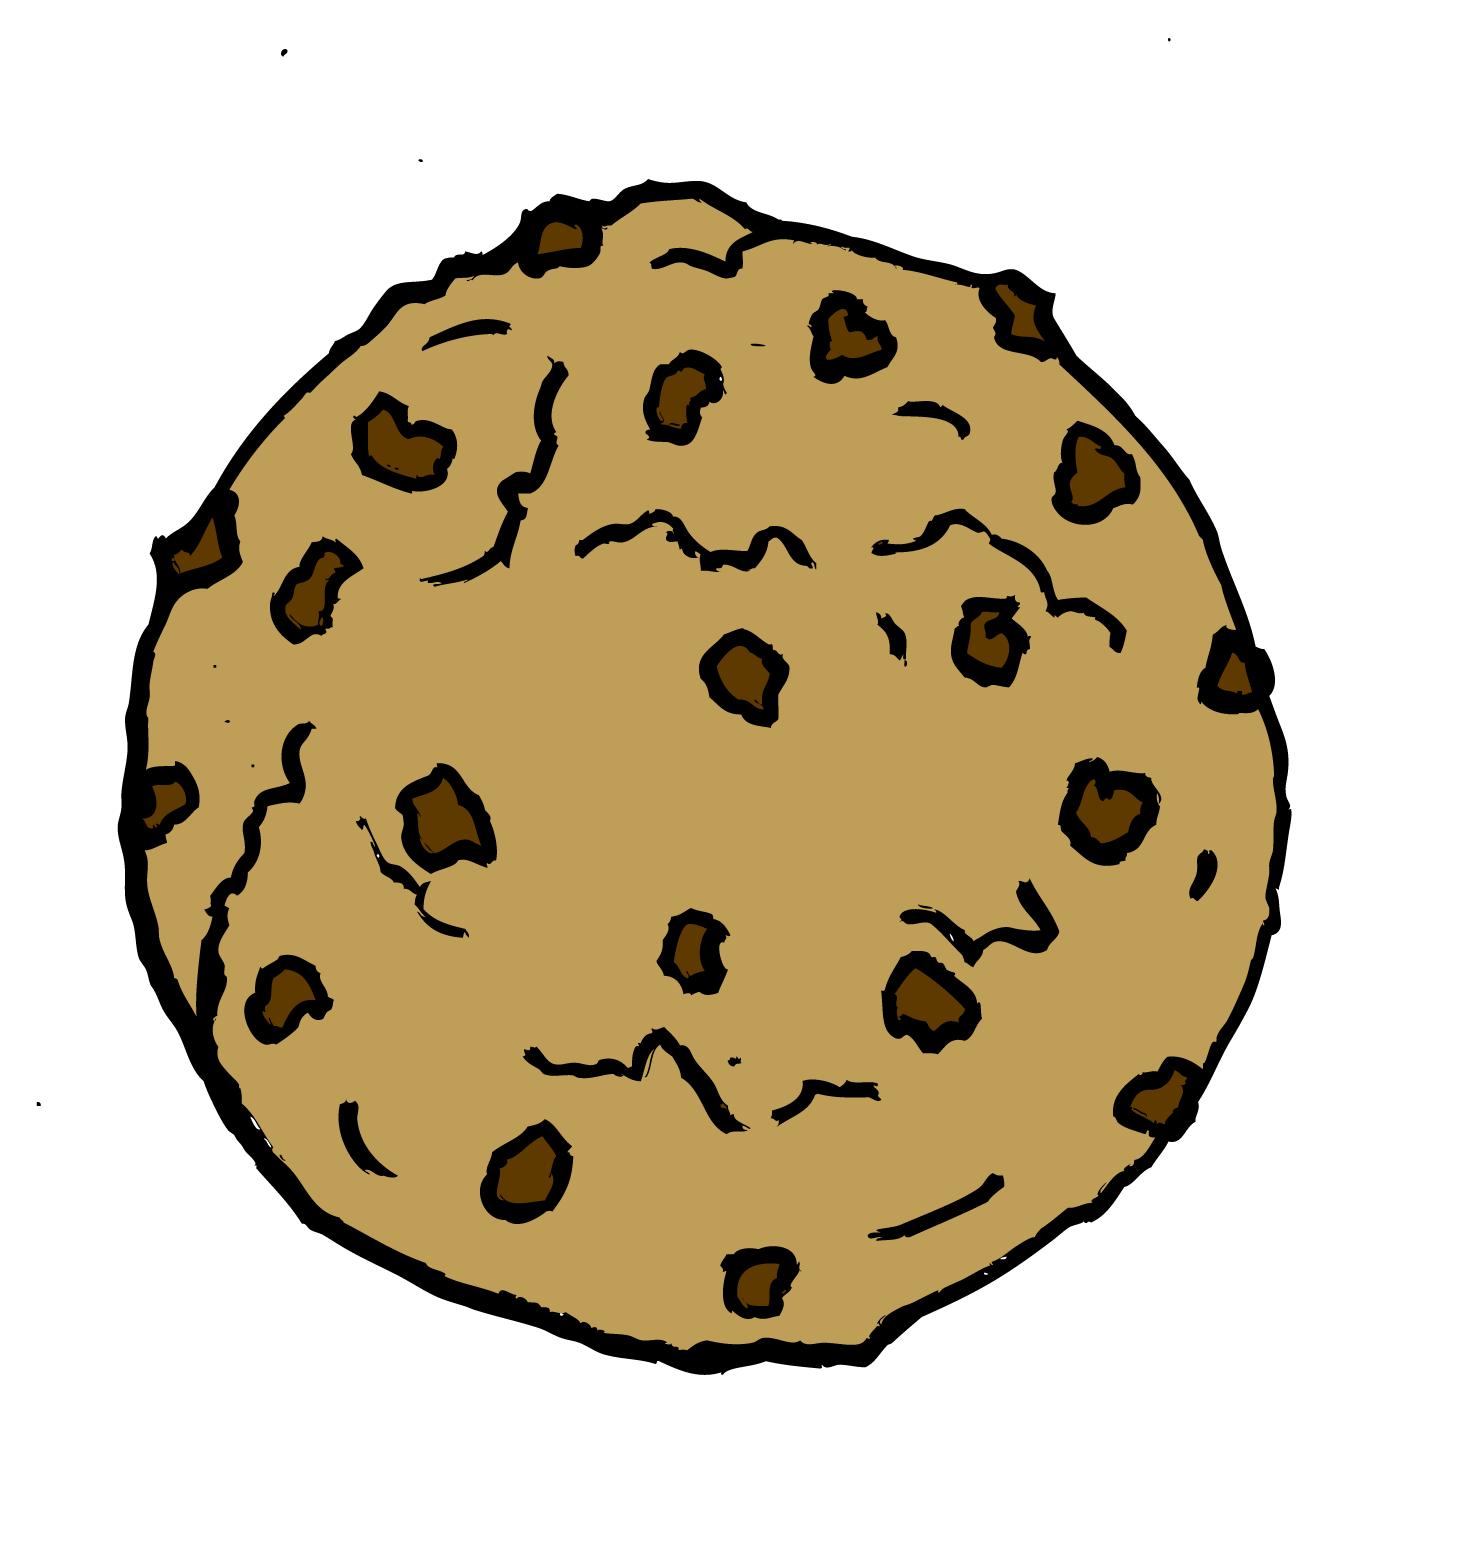 Clipart Cookies U0026amp; Cookies Clip A-Clipart Cookies u0026amp; Cookies Clip Art Images - ClipartALL clipartall.com-4